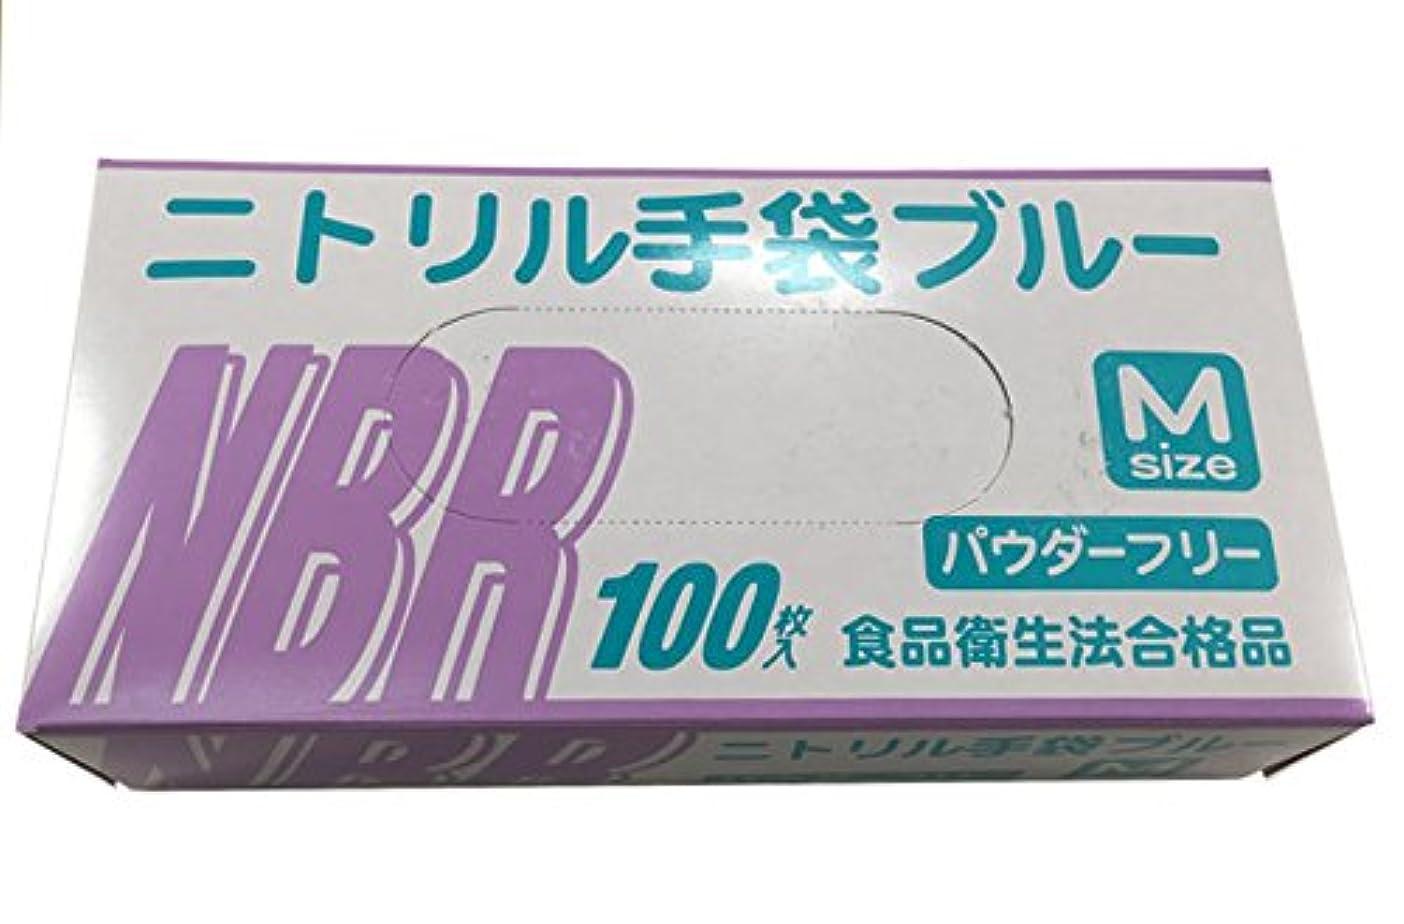 ゲートウェイファーザーファージュ死ぬ使い捨て手袋 ニトリル グローブ ブルー 食品衛生法合格品 粉なし 100枚入×20個セット Mサイズ